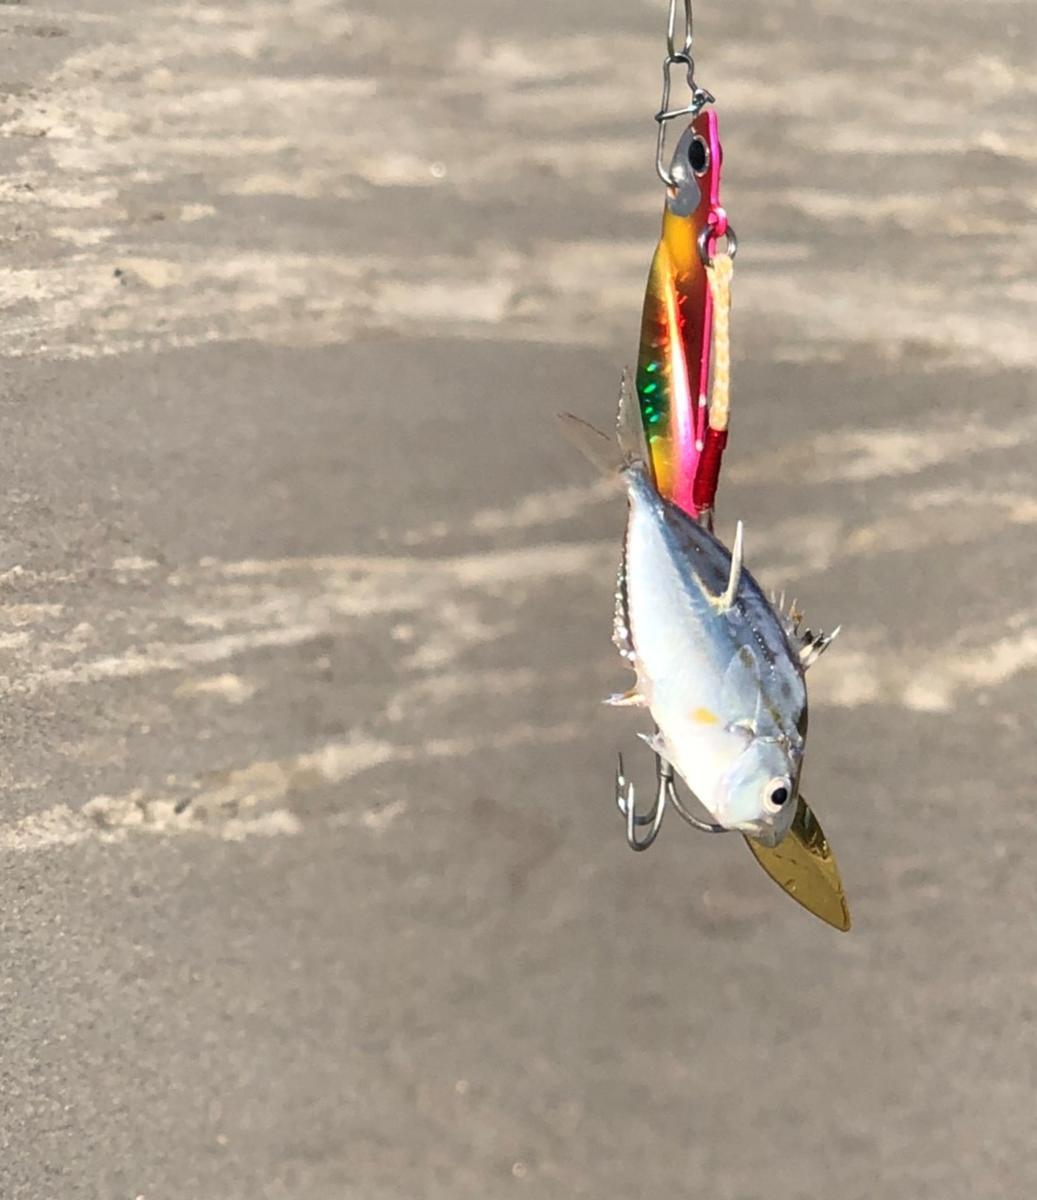 f:id:stormfish:20201203003724j:plain